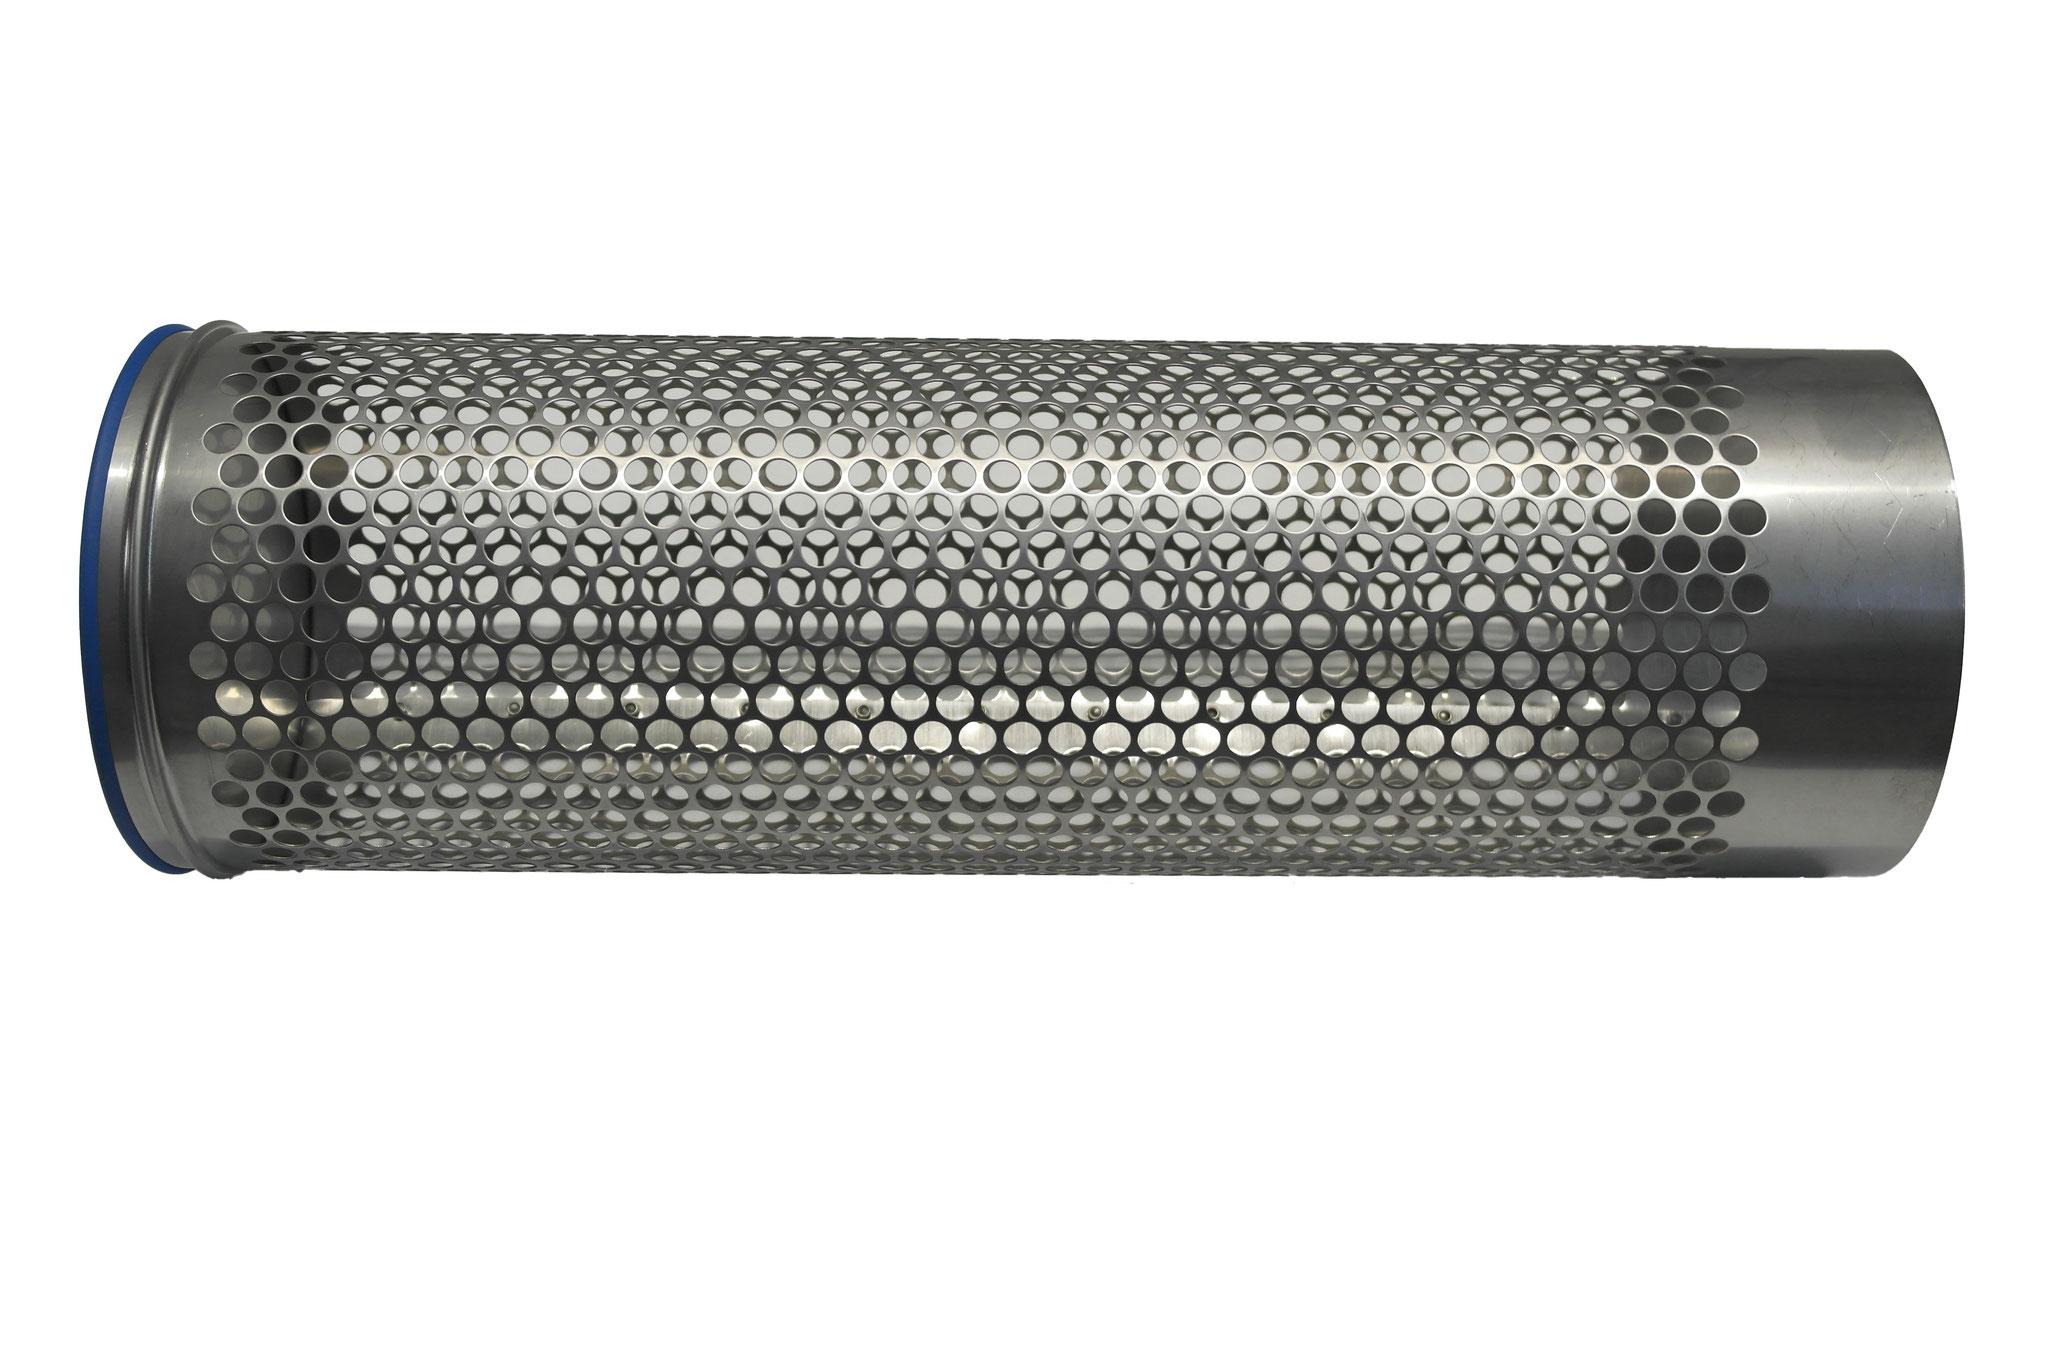 Siebrohr einseitig verschlossen für 160er KG Rohr (DN 150)